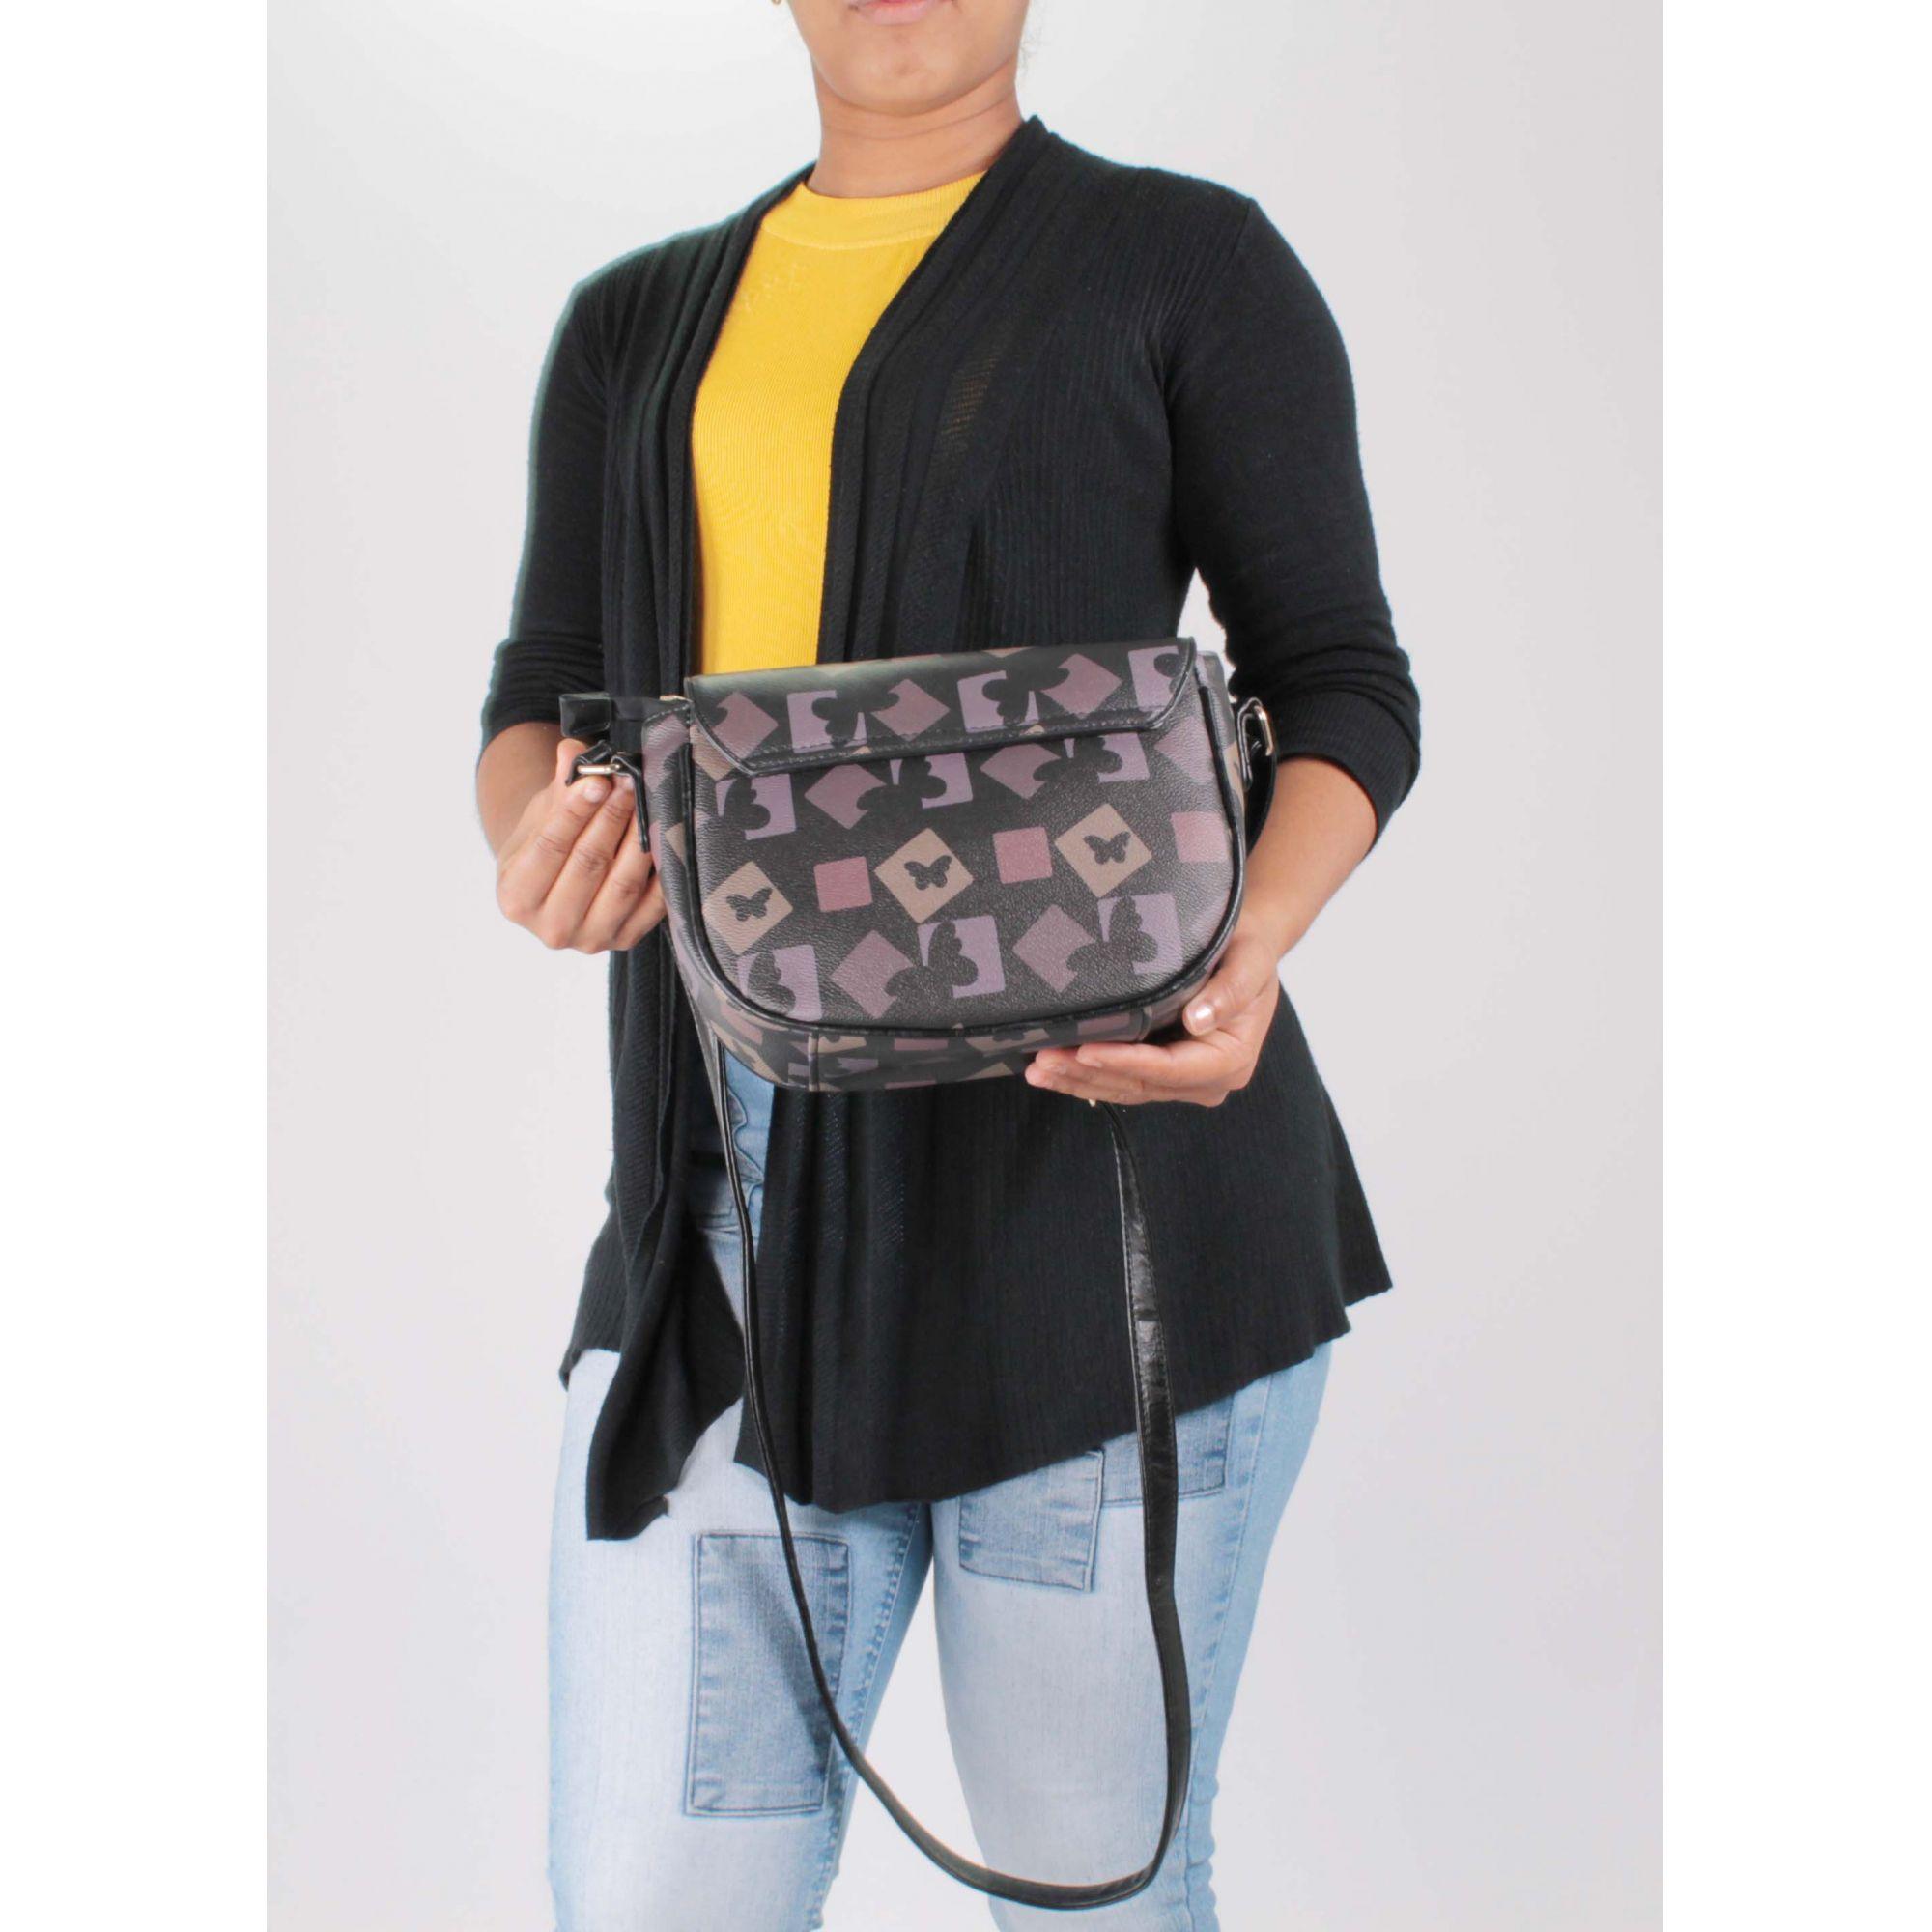 Bolsa Transversal Feminina - BLACK BUTTERFLY - BB007  - Menino & Menina 2